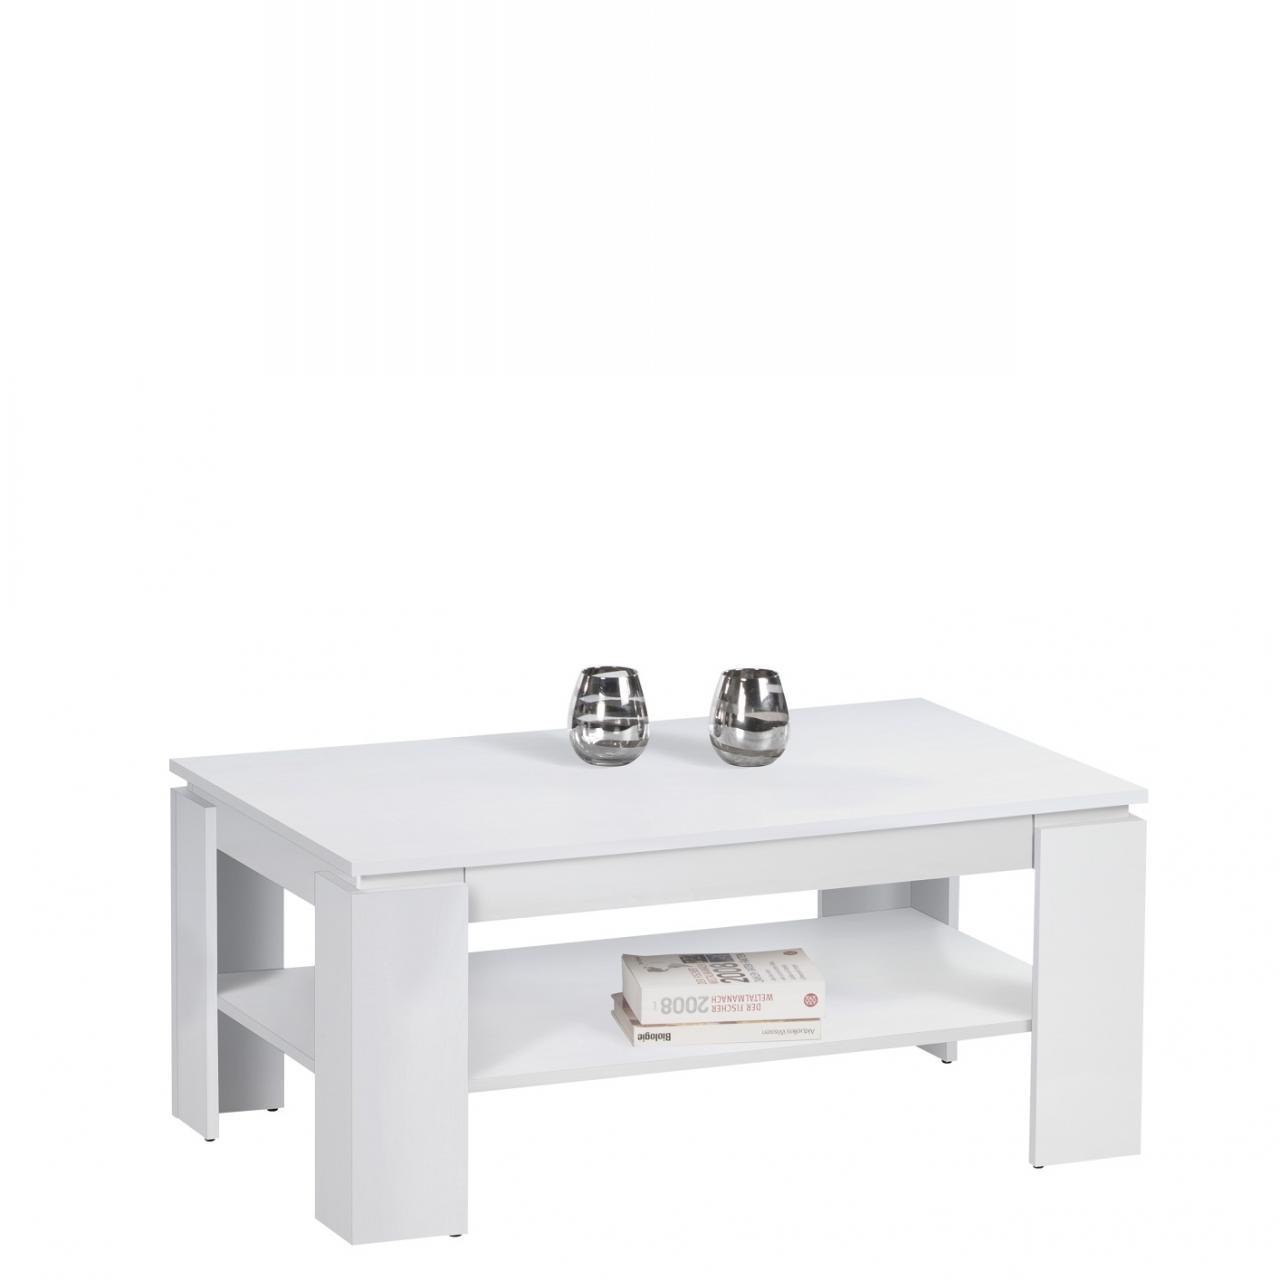 Couchtisch Harrison Weiß Dekor MDF inkl. Schublade Stubentisch Tisch 1 Ablage